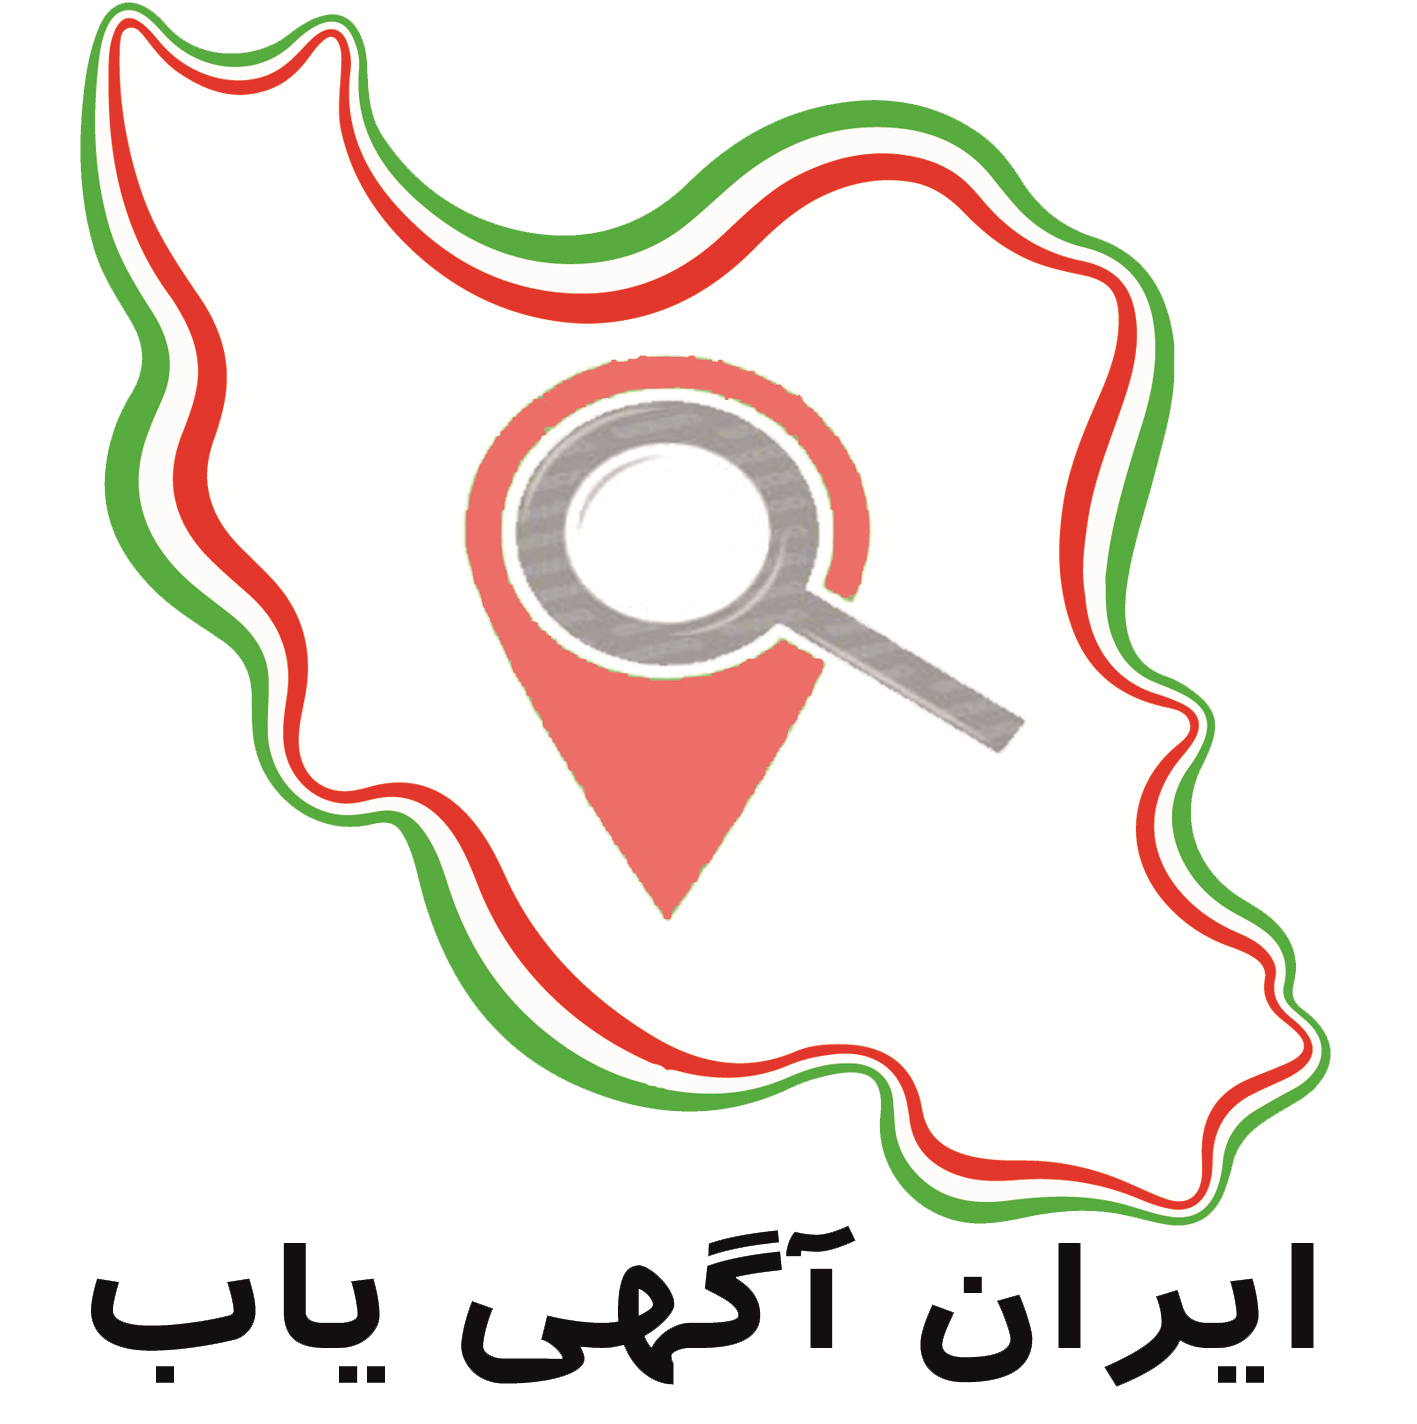 لوازم خانگی شیخی در ایلام